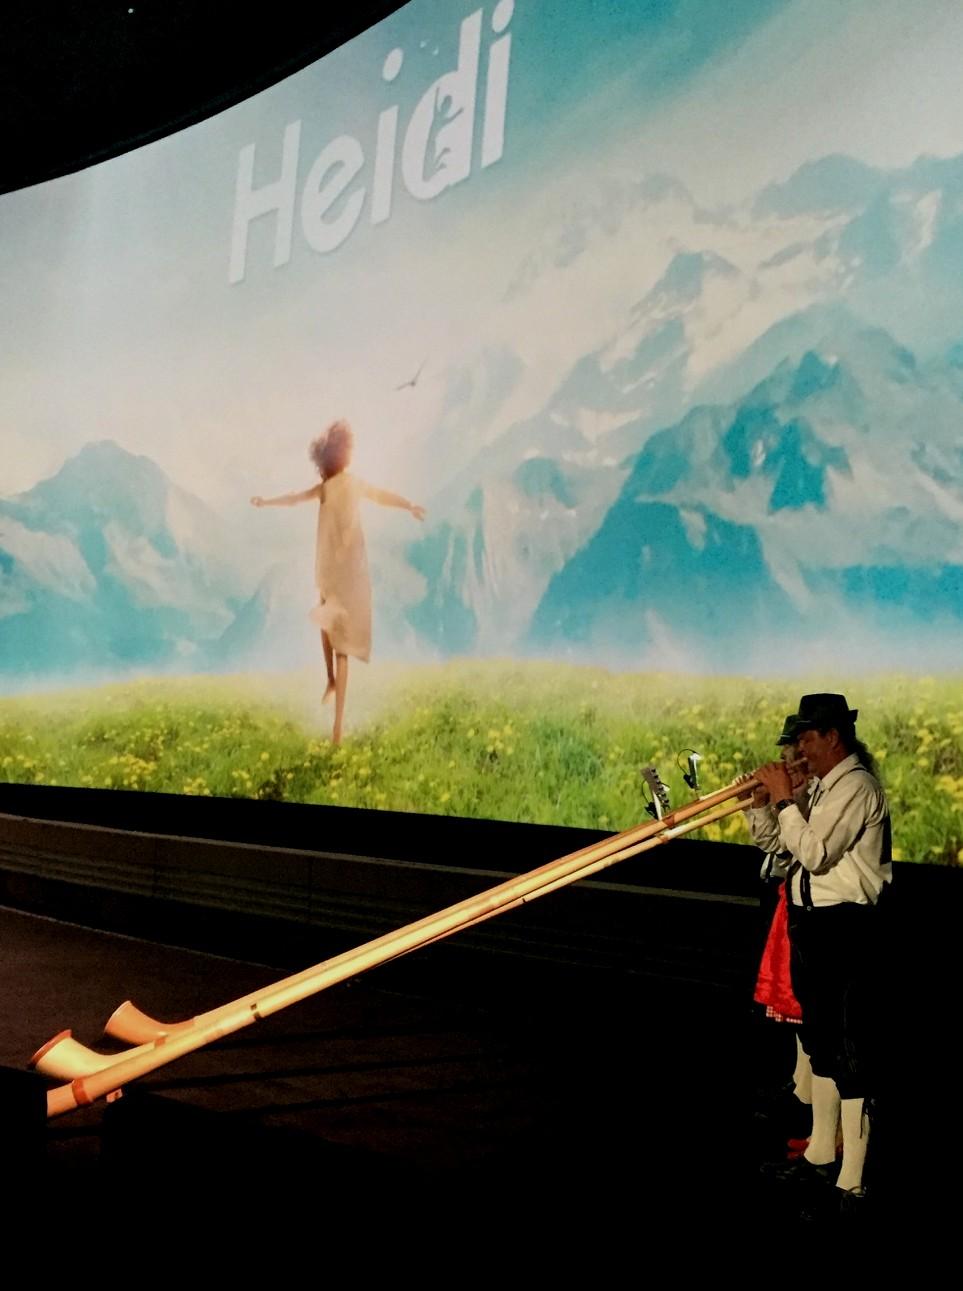 Auftritt zum Kinostart des Films Heidi